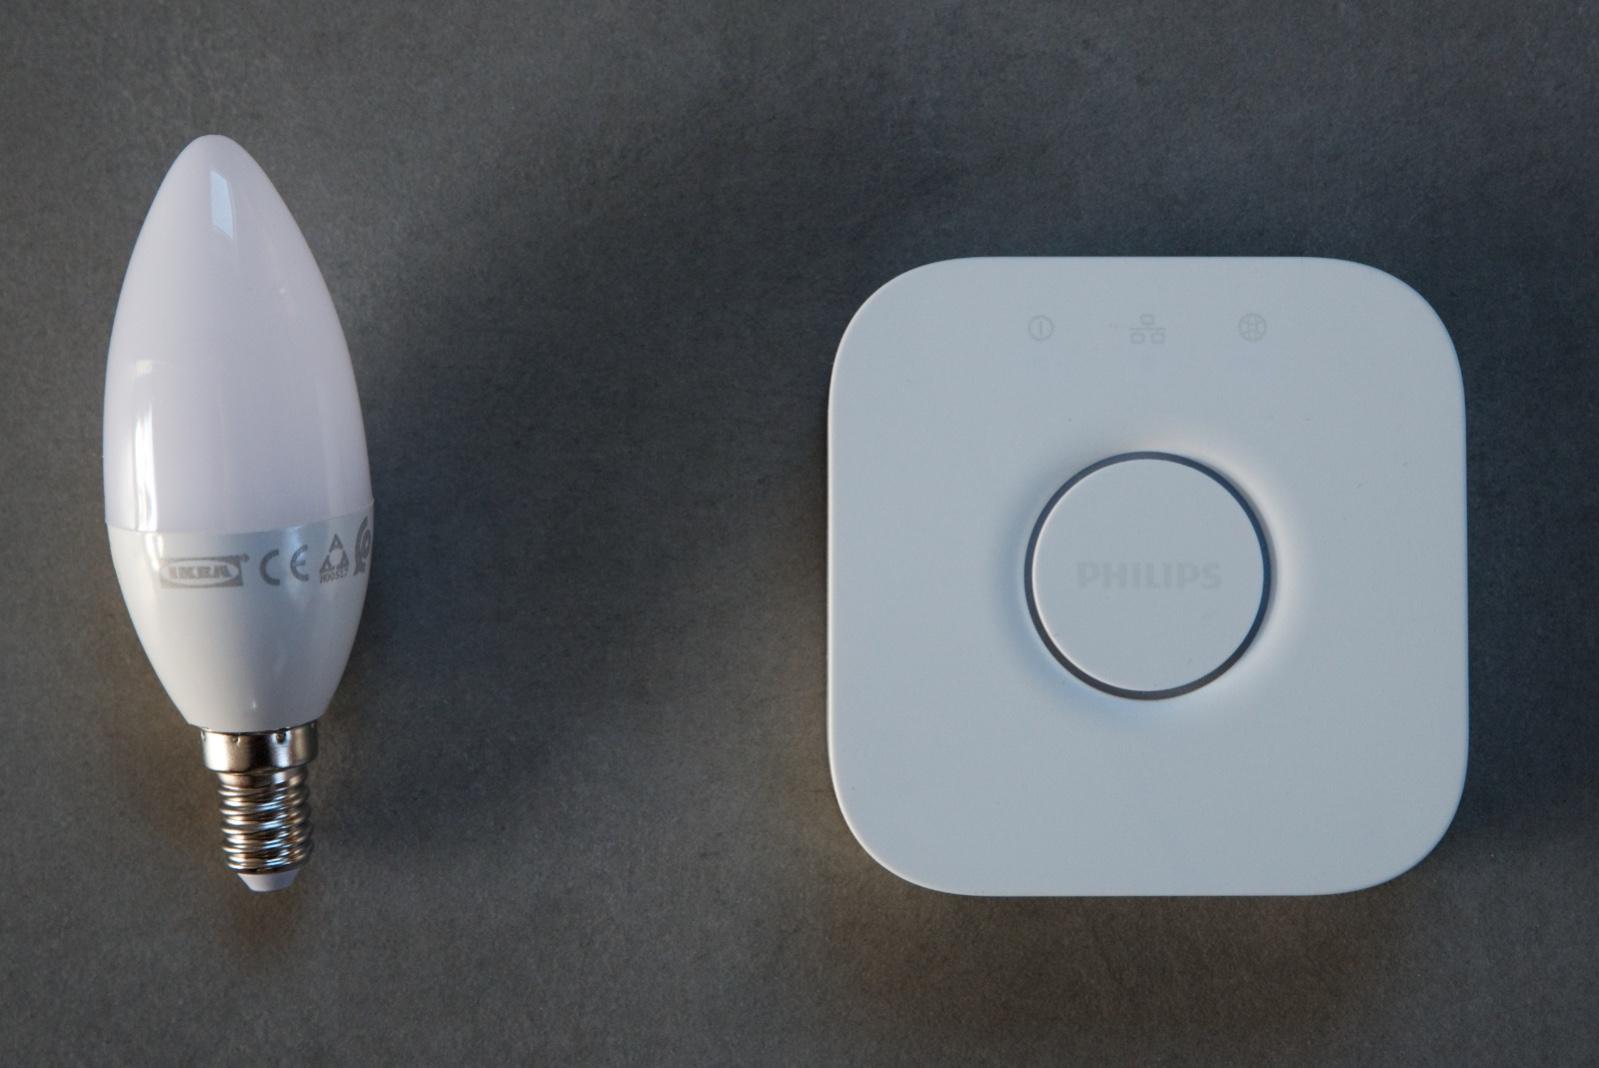 Test Ajouter Des Ampoules Ikea Tradfri Sur Pont Philips Hue C Est